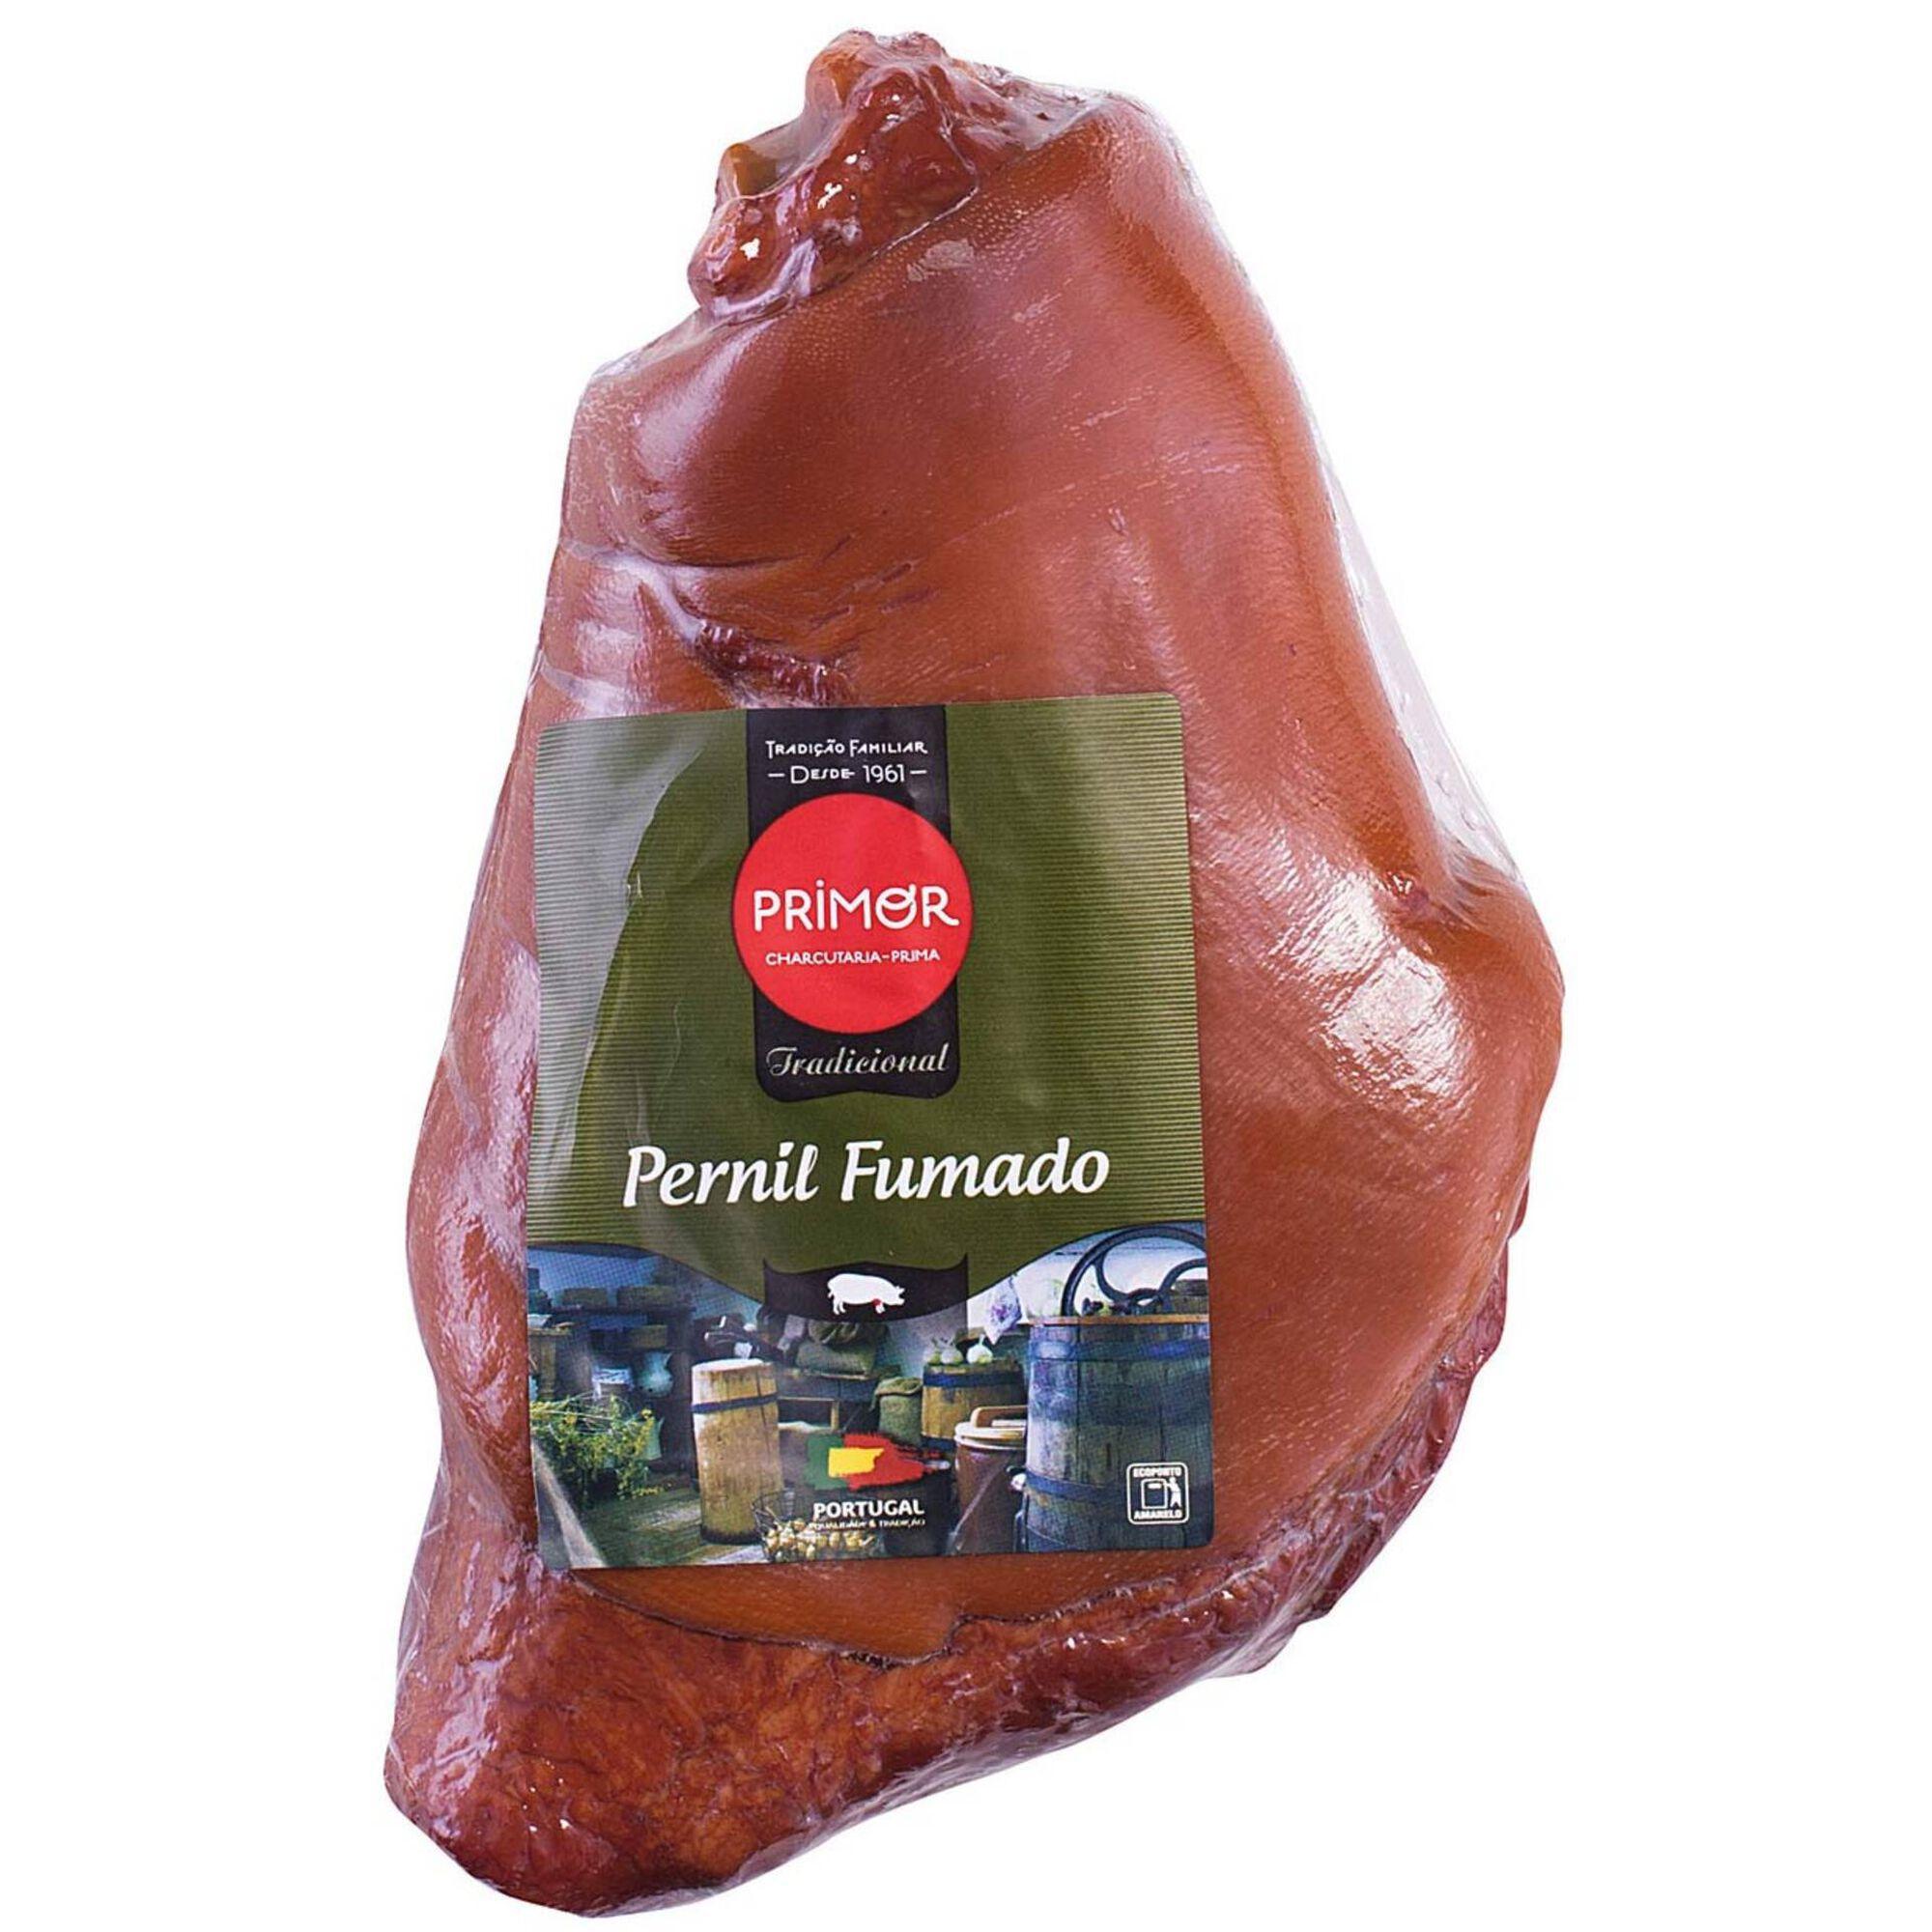 Pernil Fumado